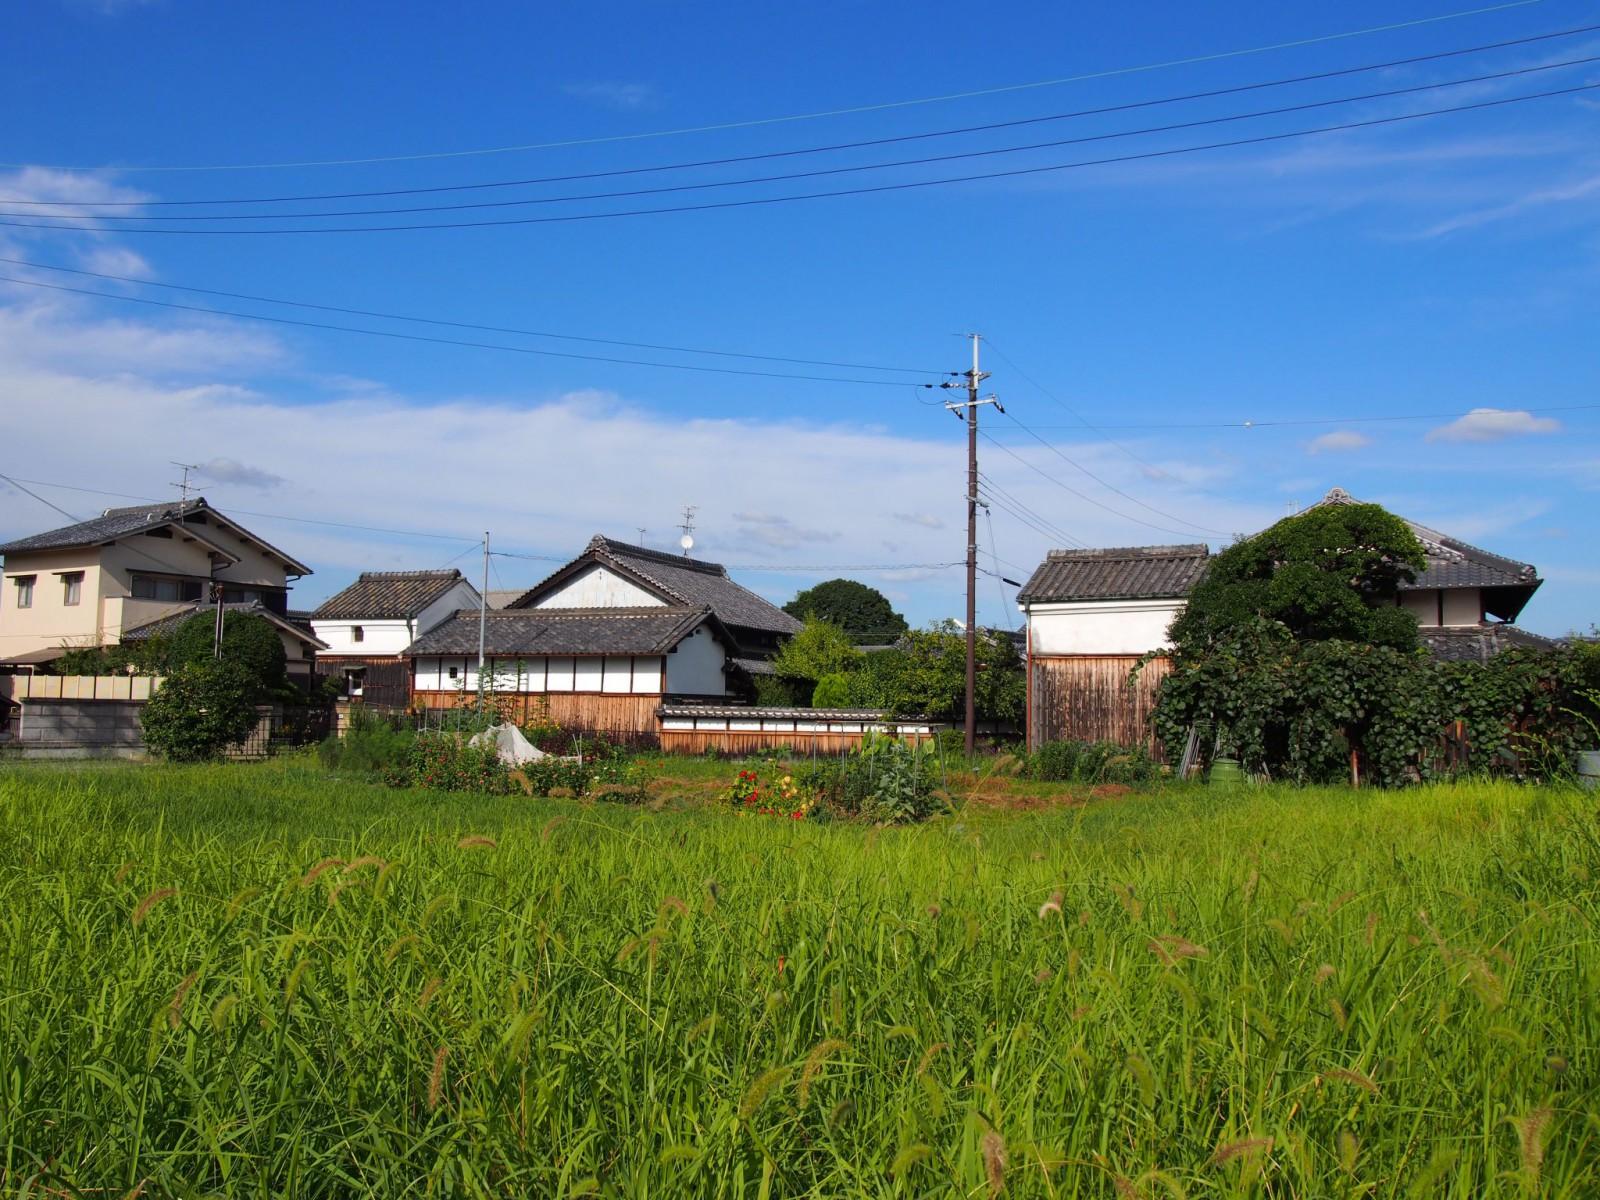 奈良盆地内の典型的「農村」風景を見せる薬師寺周辺の集落